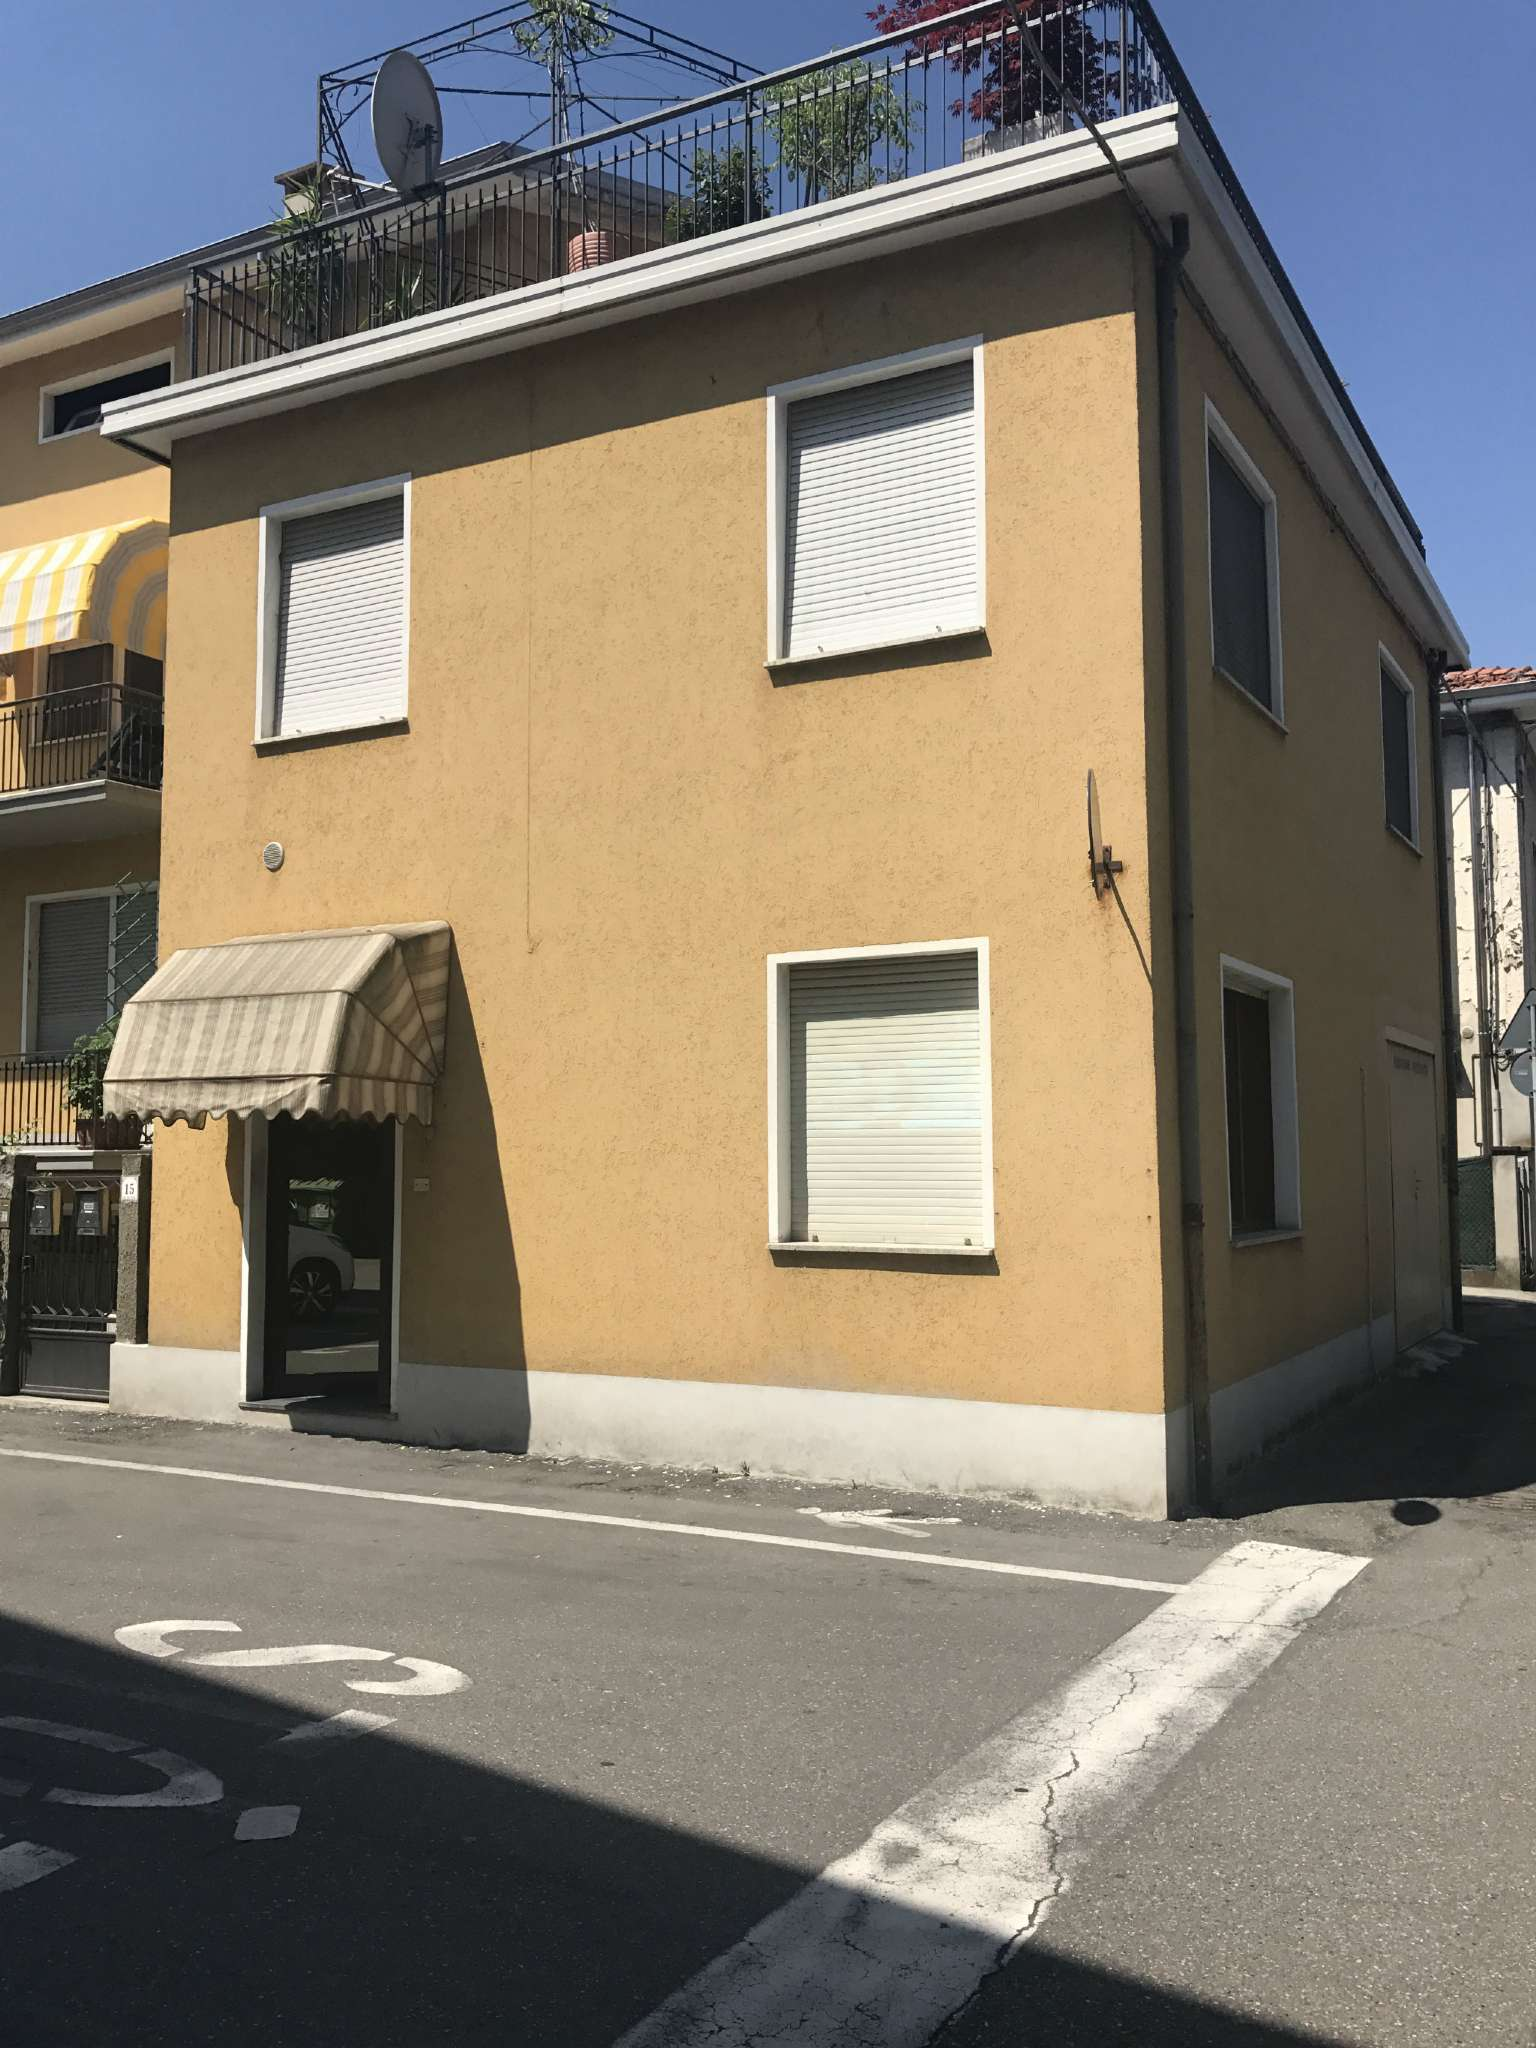 Ufficio / Studio in affitto a Noceto, 3 locali, prezzo € 100 | Cambio Casa.it